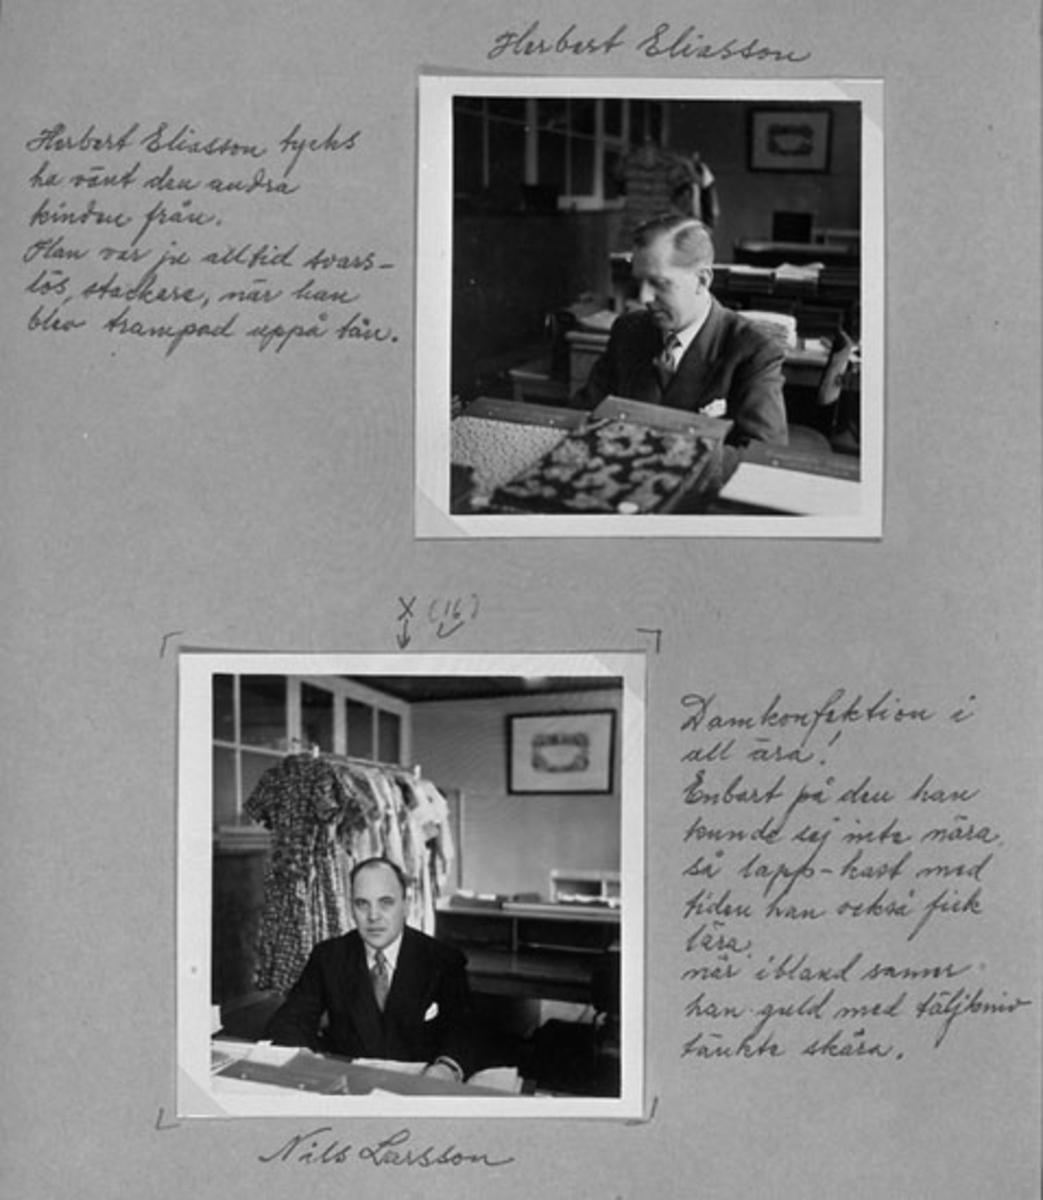 Övre bilden: Herbert Eliasson Herbert Eliasson tycks ha vänt den andra kinden från. Han var ju alltid svarslös, stackare, när han blev trampad uppå tån. Undre bild: Nils Larsson Damkonfektion i all ära! Enbart på den han kunde sig inte nära, så lapp-kast med tiden han också fick lära när ibland samer han guld med täljkniv tänkte skära.